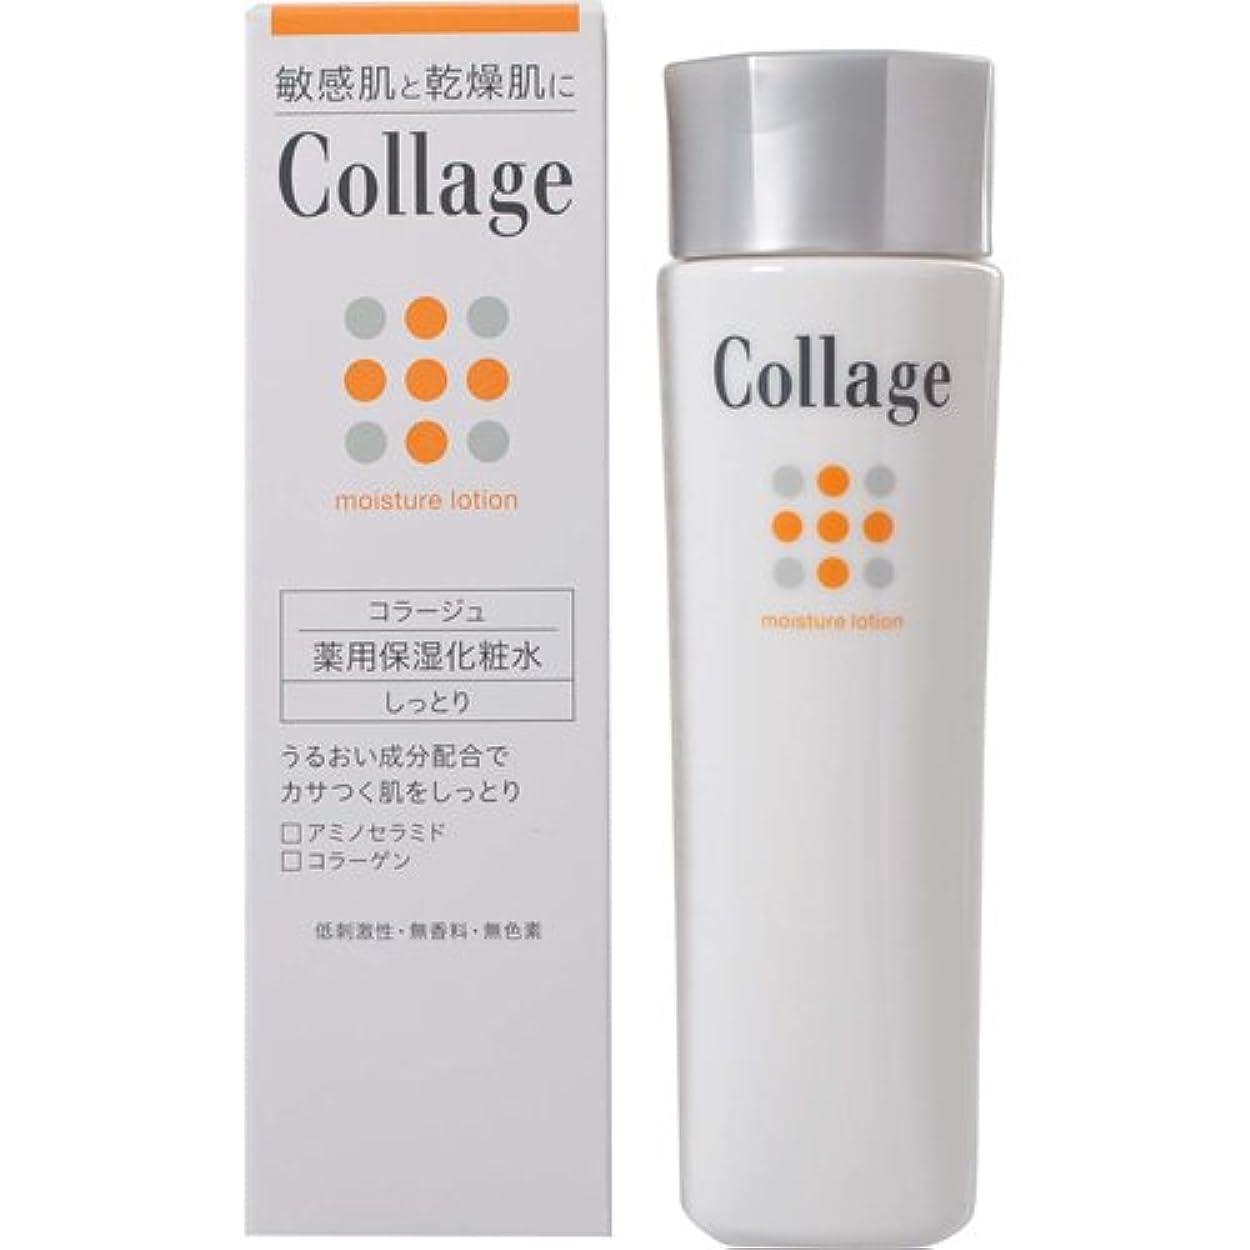 キャプチャーしなやか資格コラージュ 薬用保湿化粧水 しっとり 120mL 【医薬部外品】